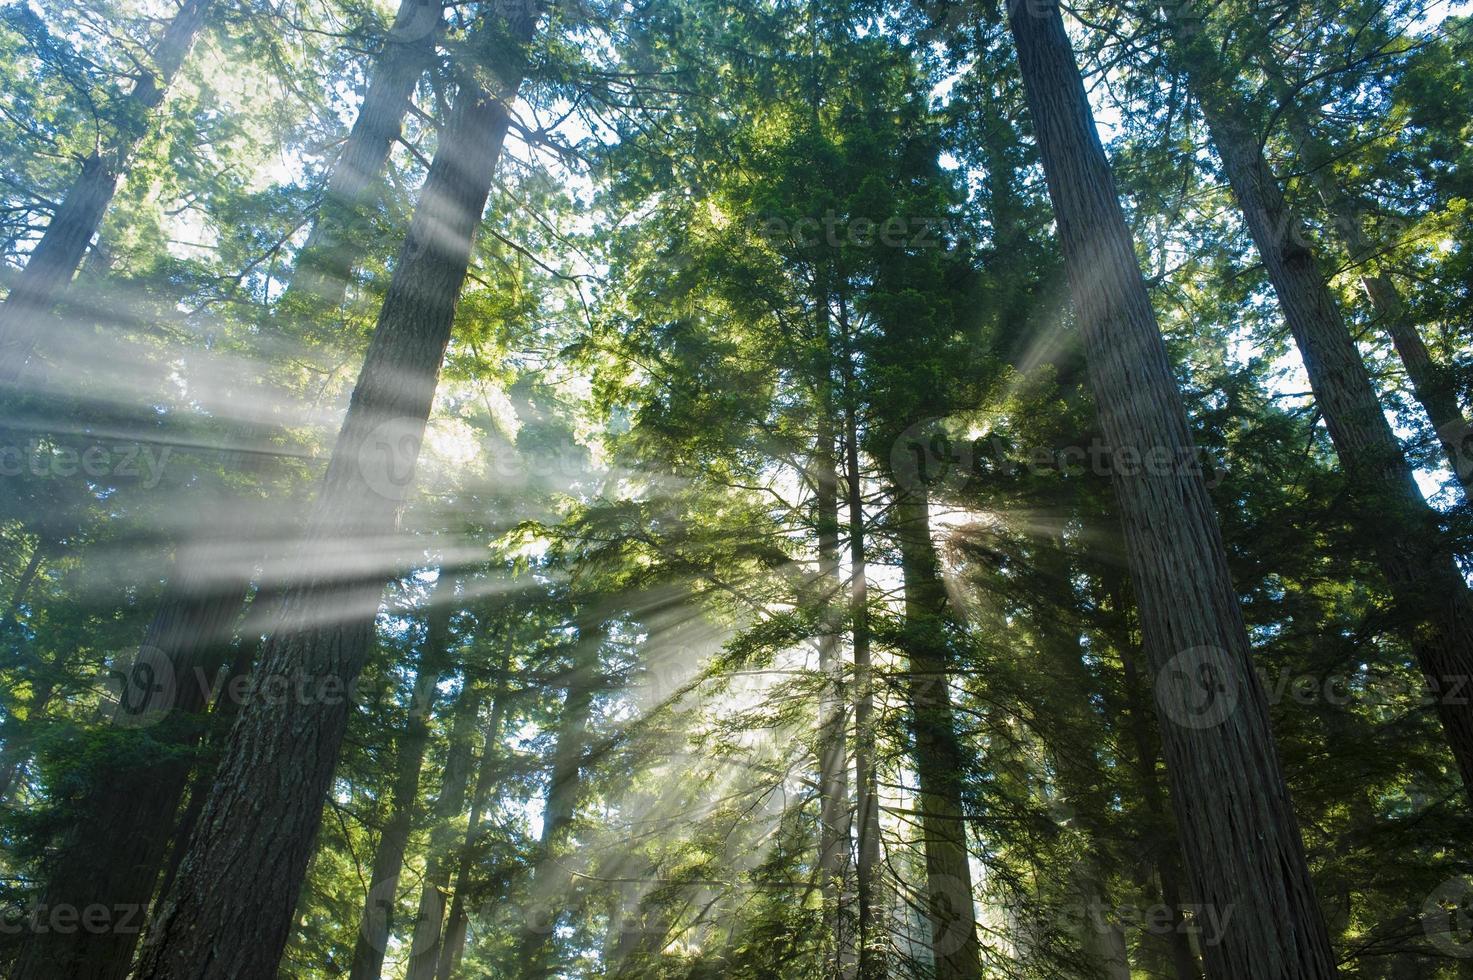 ljusa gudstrålar av ljus i skogen foto